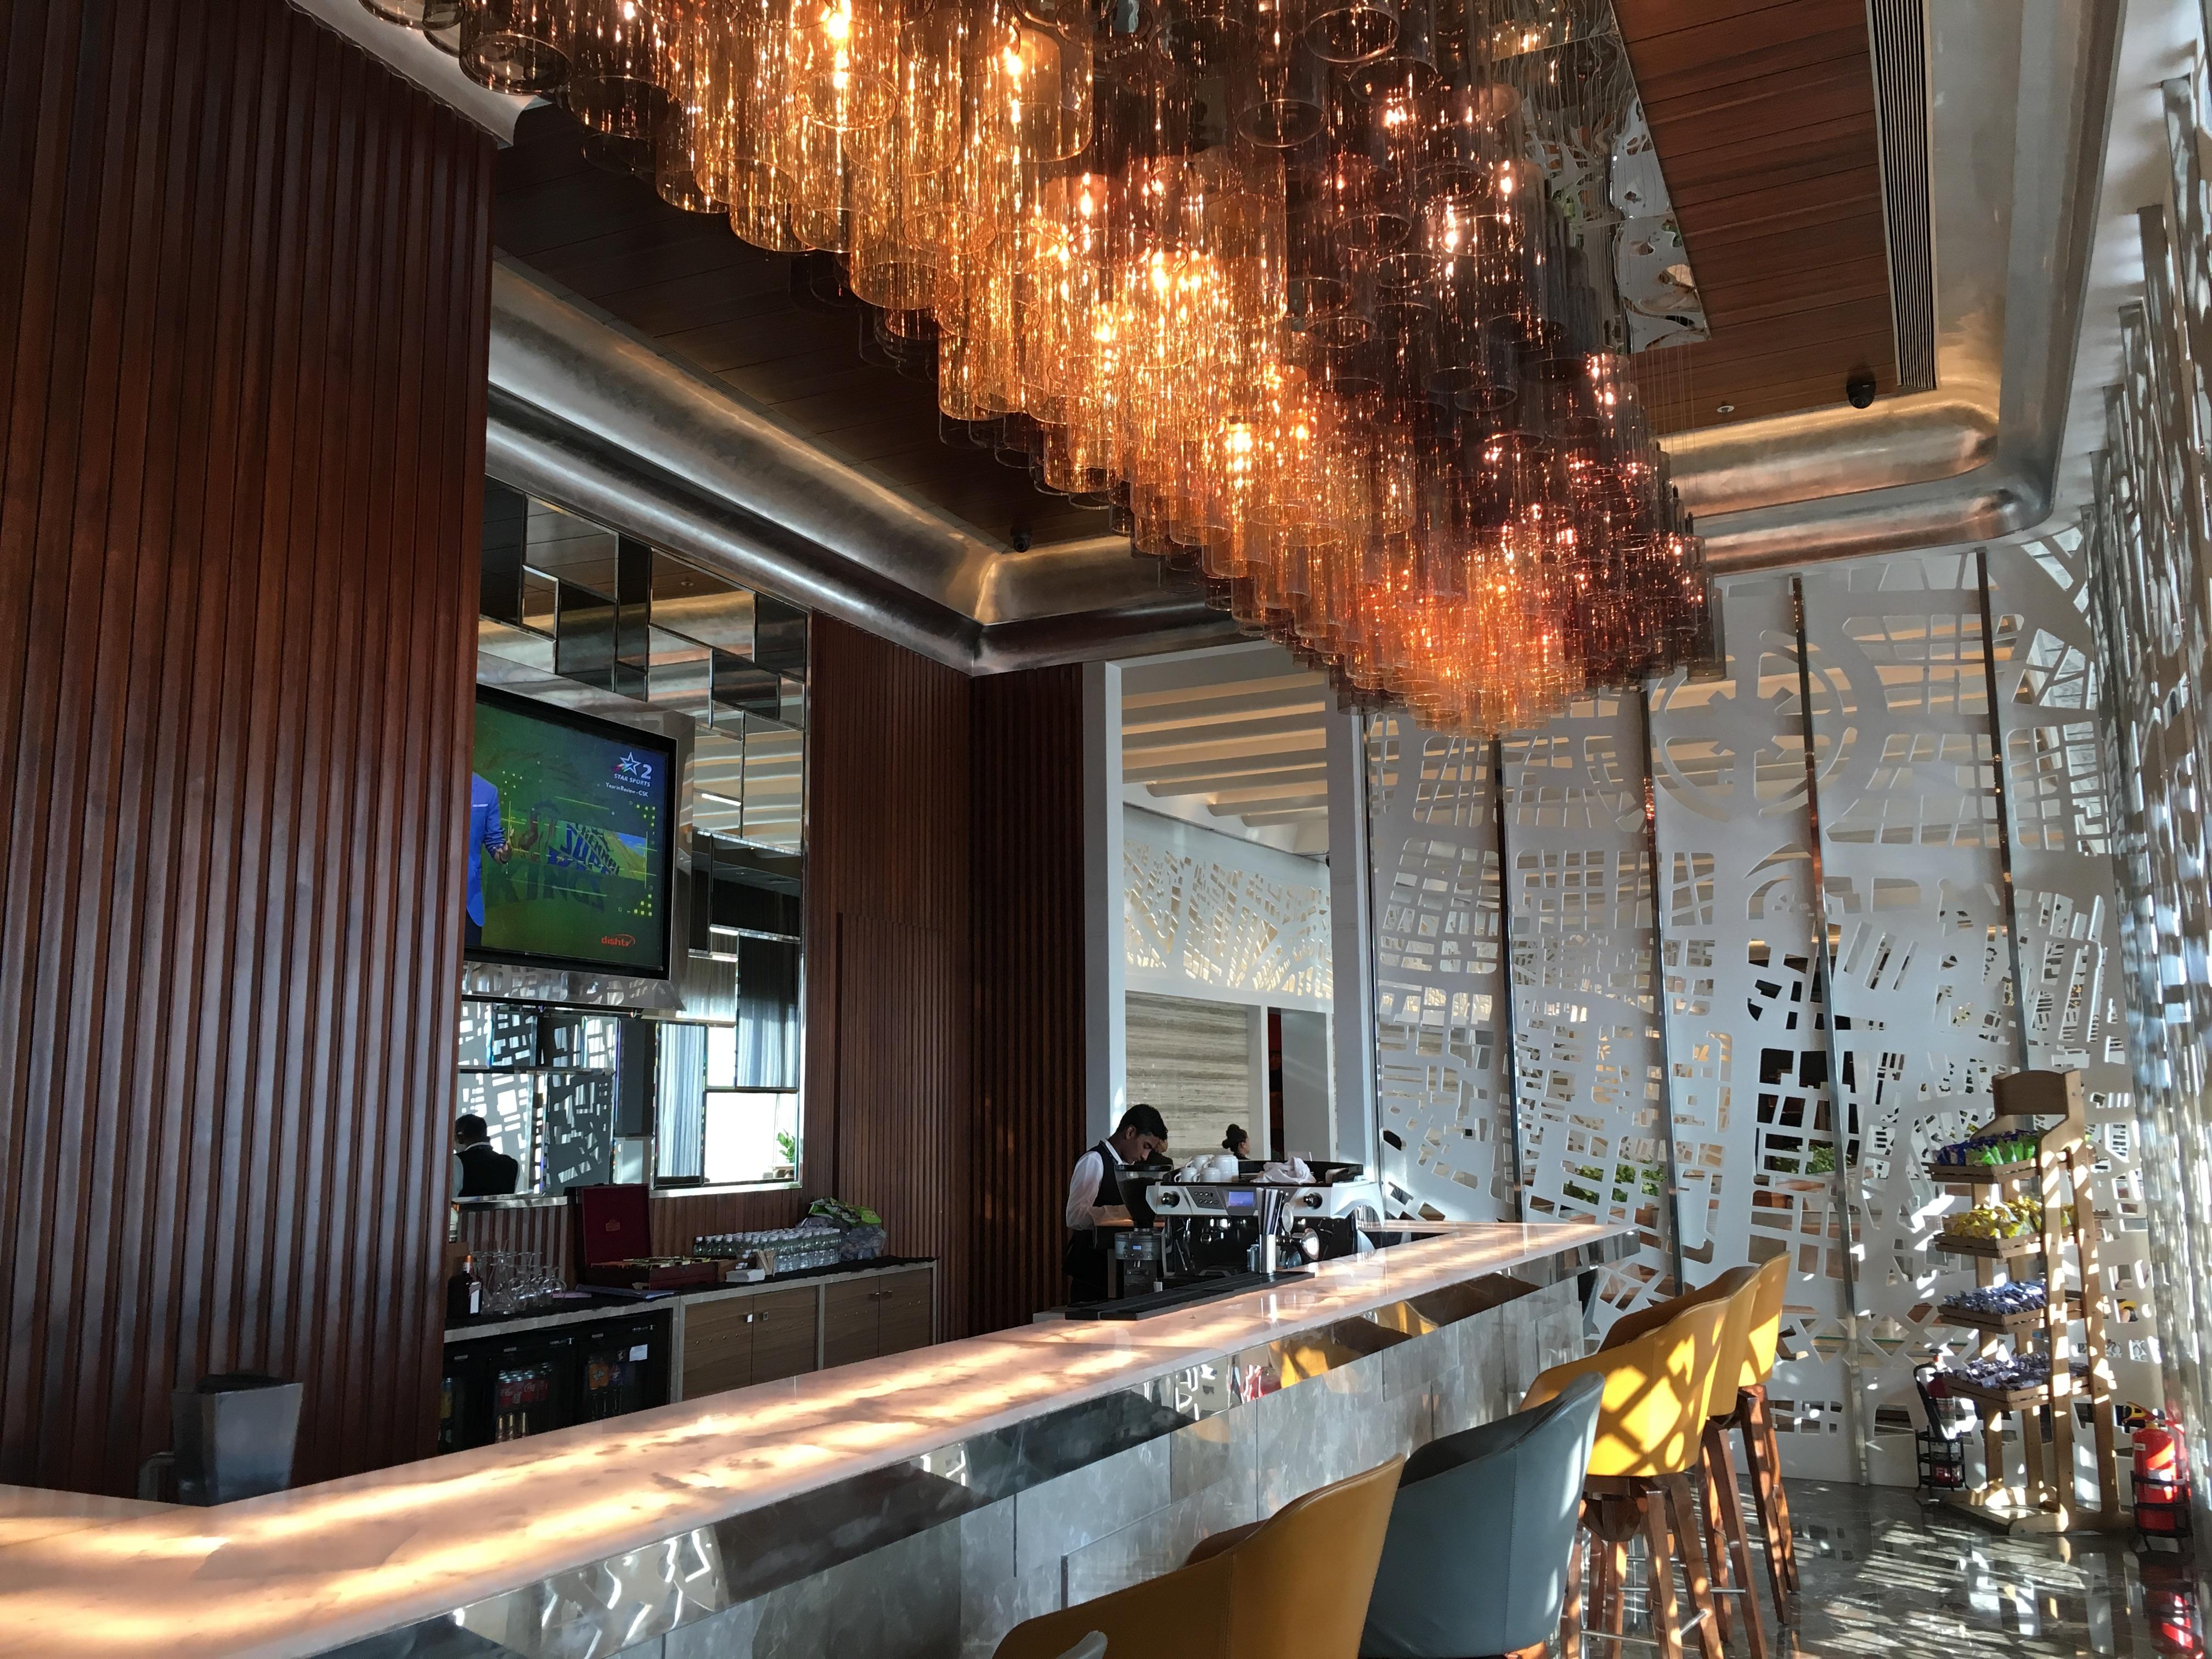 ハイアットのプログラムにトンプソンホテルズ(Thompson Hotels)が参加。更に追加されます